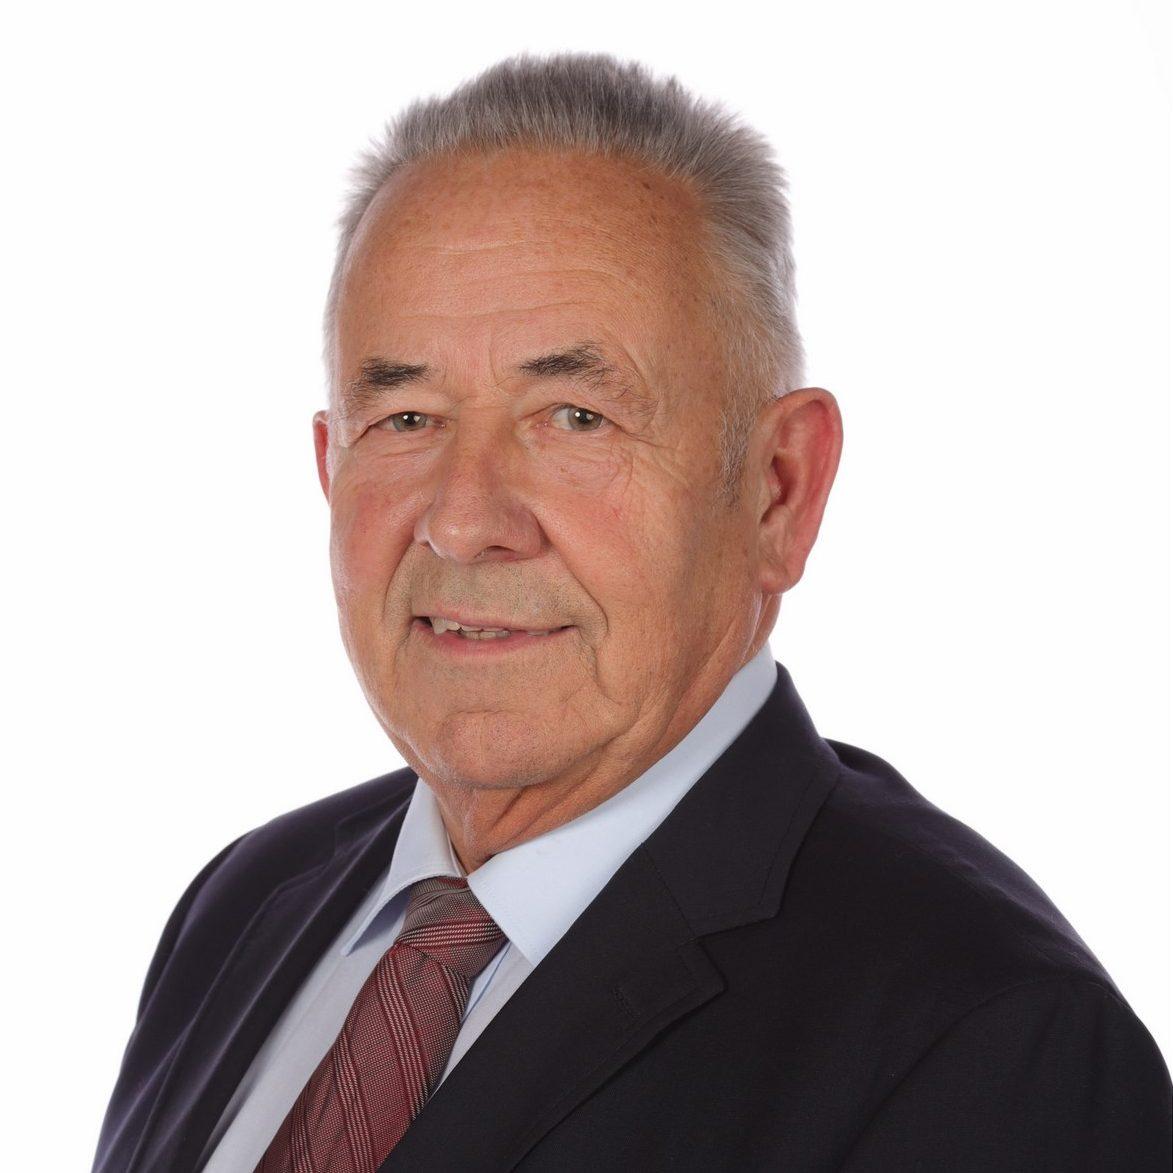 Markus Pöhmerer